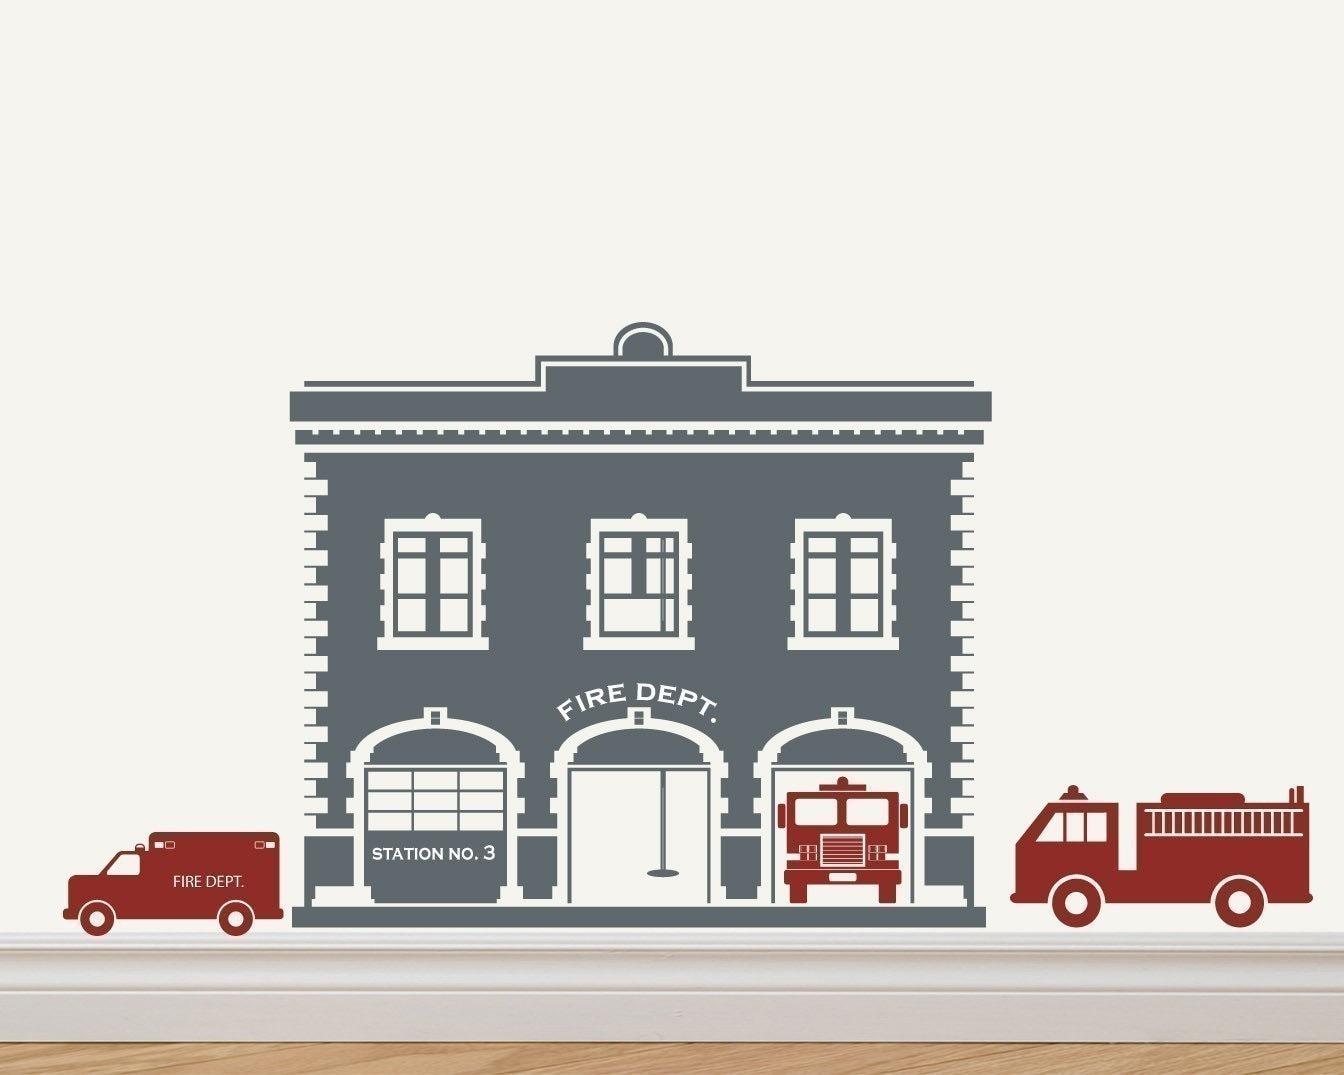 Clip Art House Fire Fire station / fire house fire